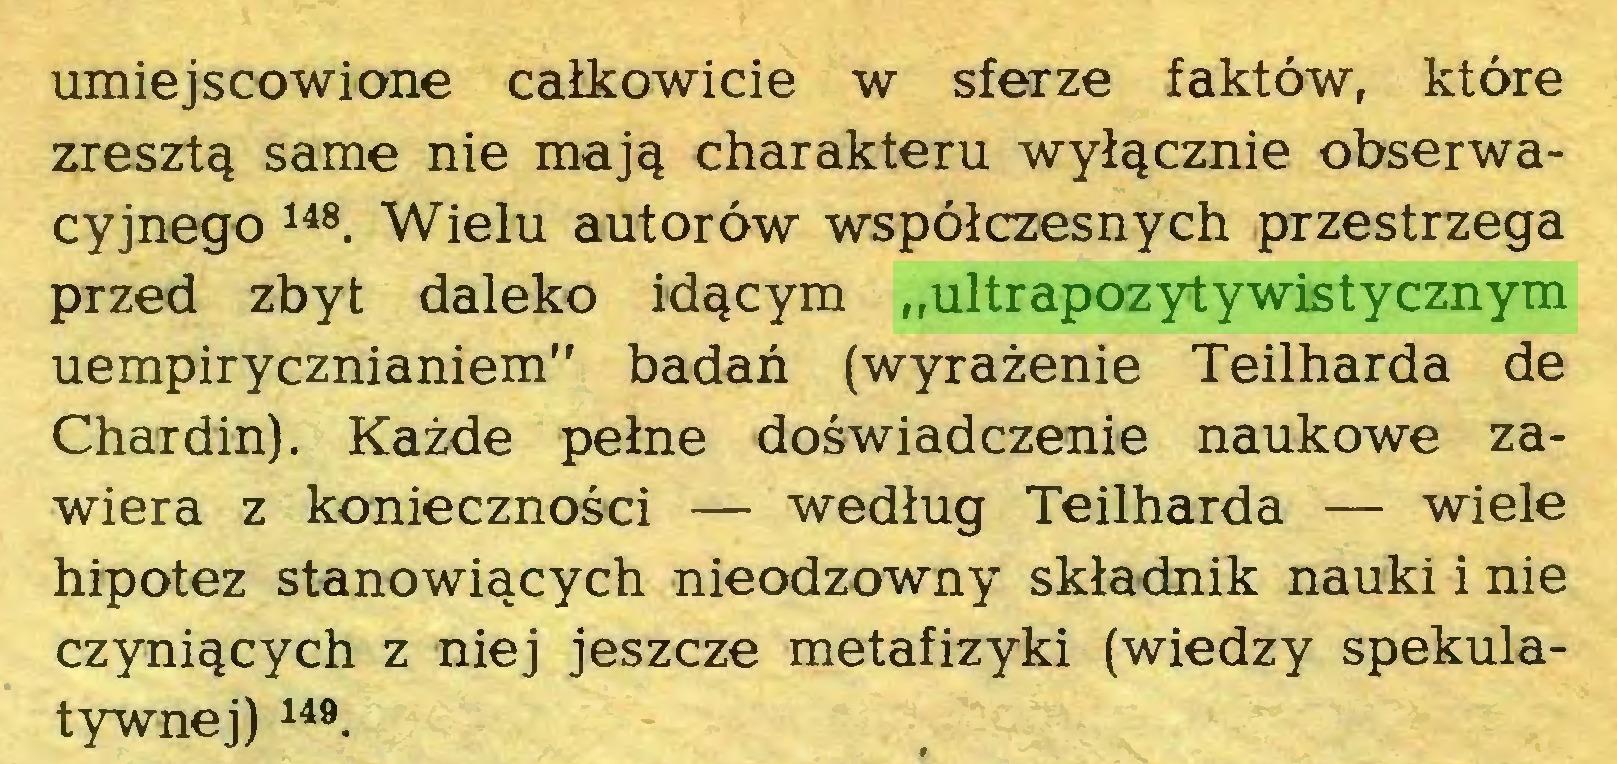 """(...) umiejscowione całkowicie w sferze faktów, które zresztą same nie mają charakteru wyłącznie obserwacyjnego 148. Wielu autorów współczesnych przestrzega przed zbyt daleko idącym """"ultrapozytywistycznym uempirycznianiem"""" badań (wyrażenie Teilharda de Chardin). Każde pełne doświadczenie naukowe zawiera z konieczności — według Teilharda — wiele hipotez stanowiących nieodzowny składnik nauki i nie czyniących z niej jeszcze metafizyki (wiedzy spekulatywnej) 149 * * * * 154..."""